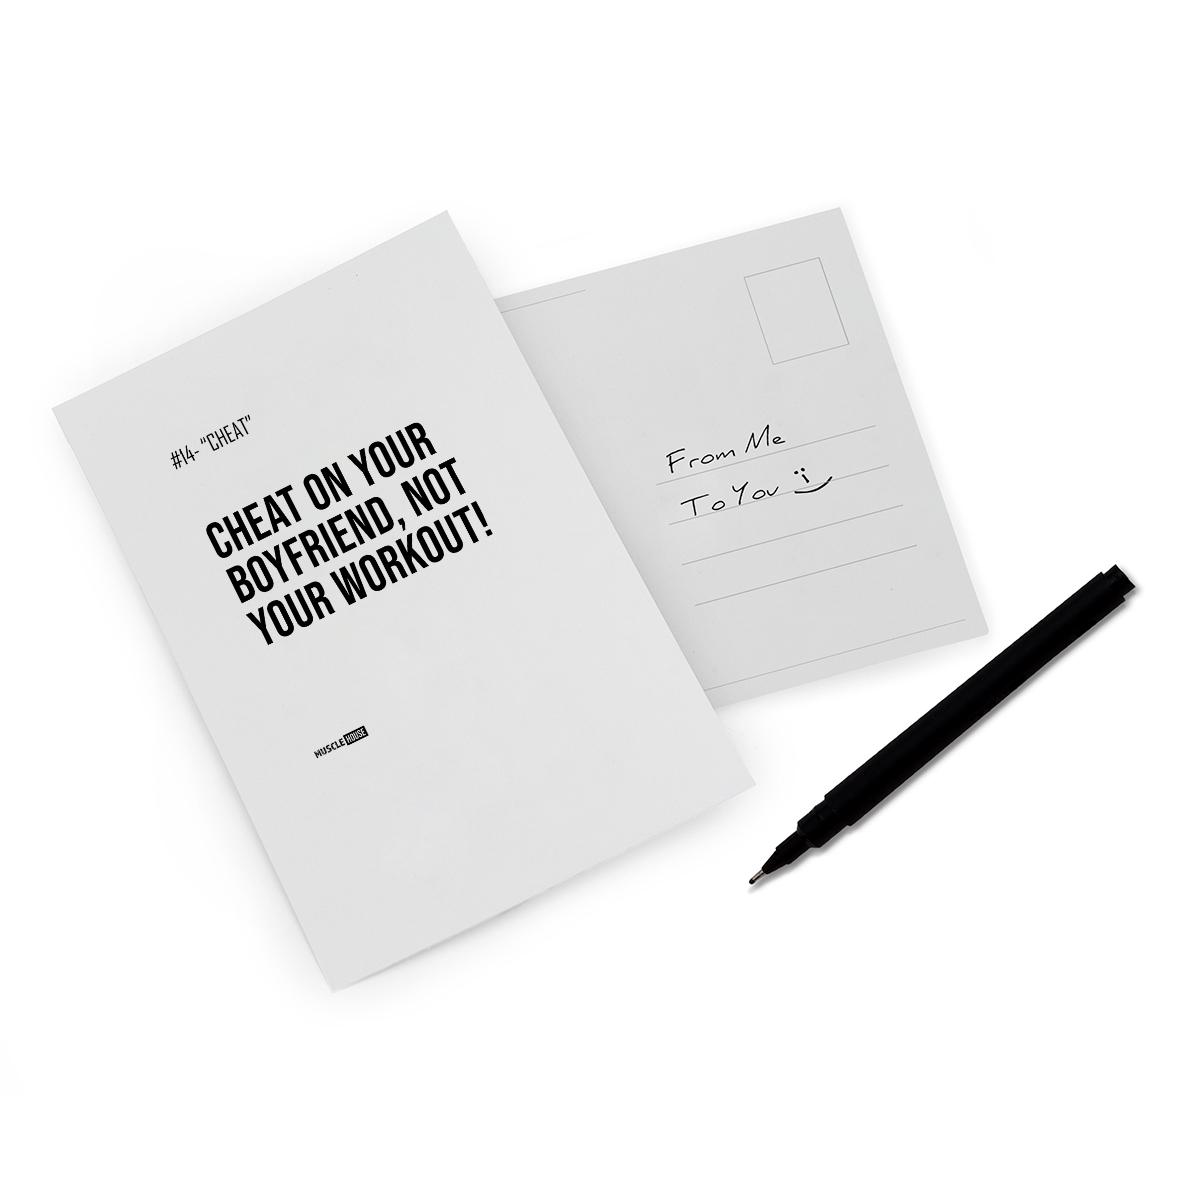 postkort_motiverende_citater_motion_træning_utro_kæreste